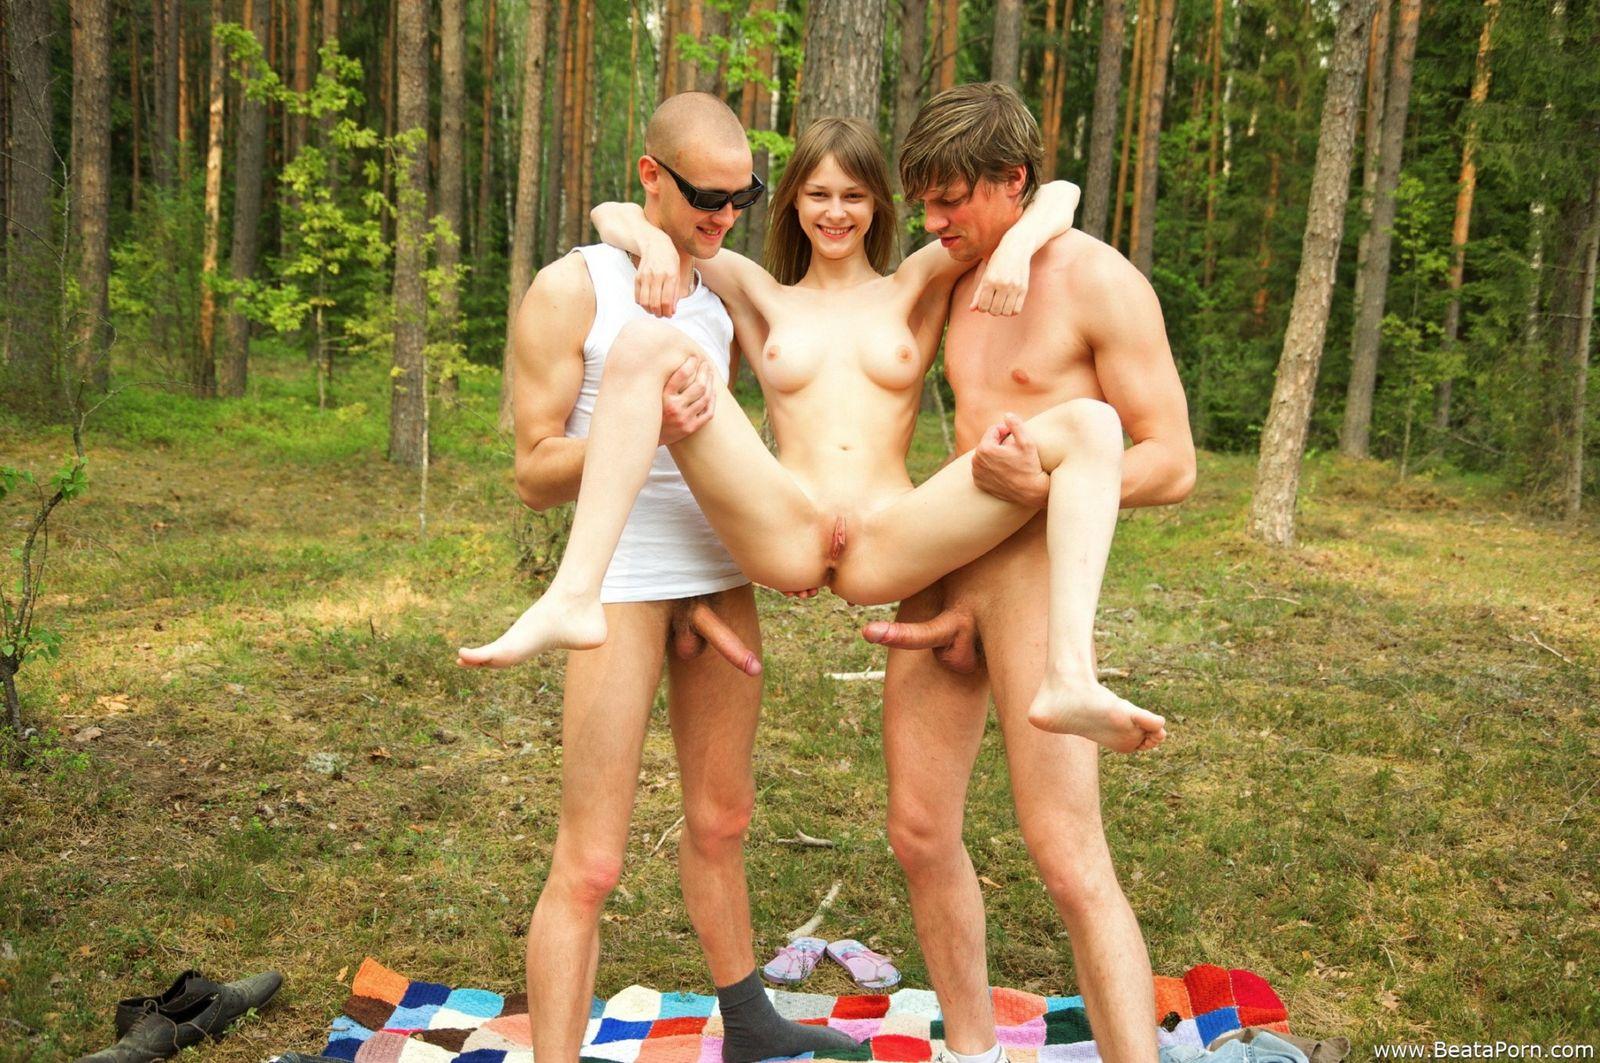 Беата занимается сексом в саду с двумя пареньками